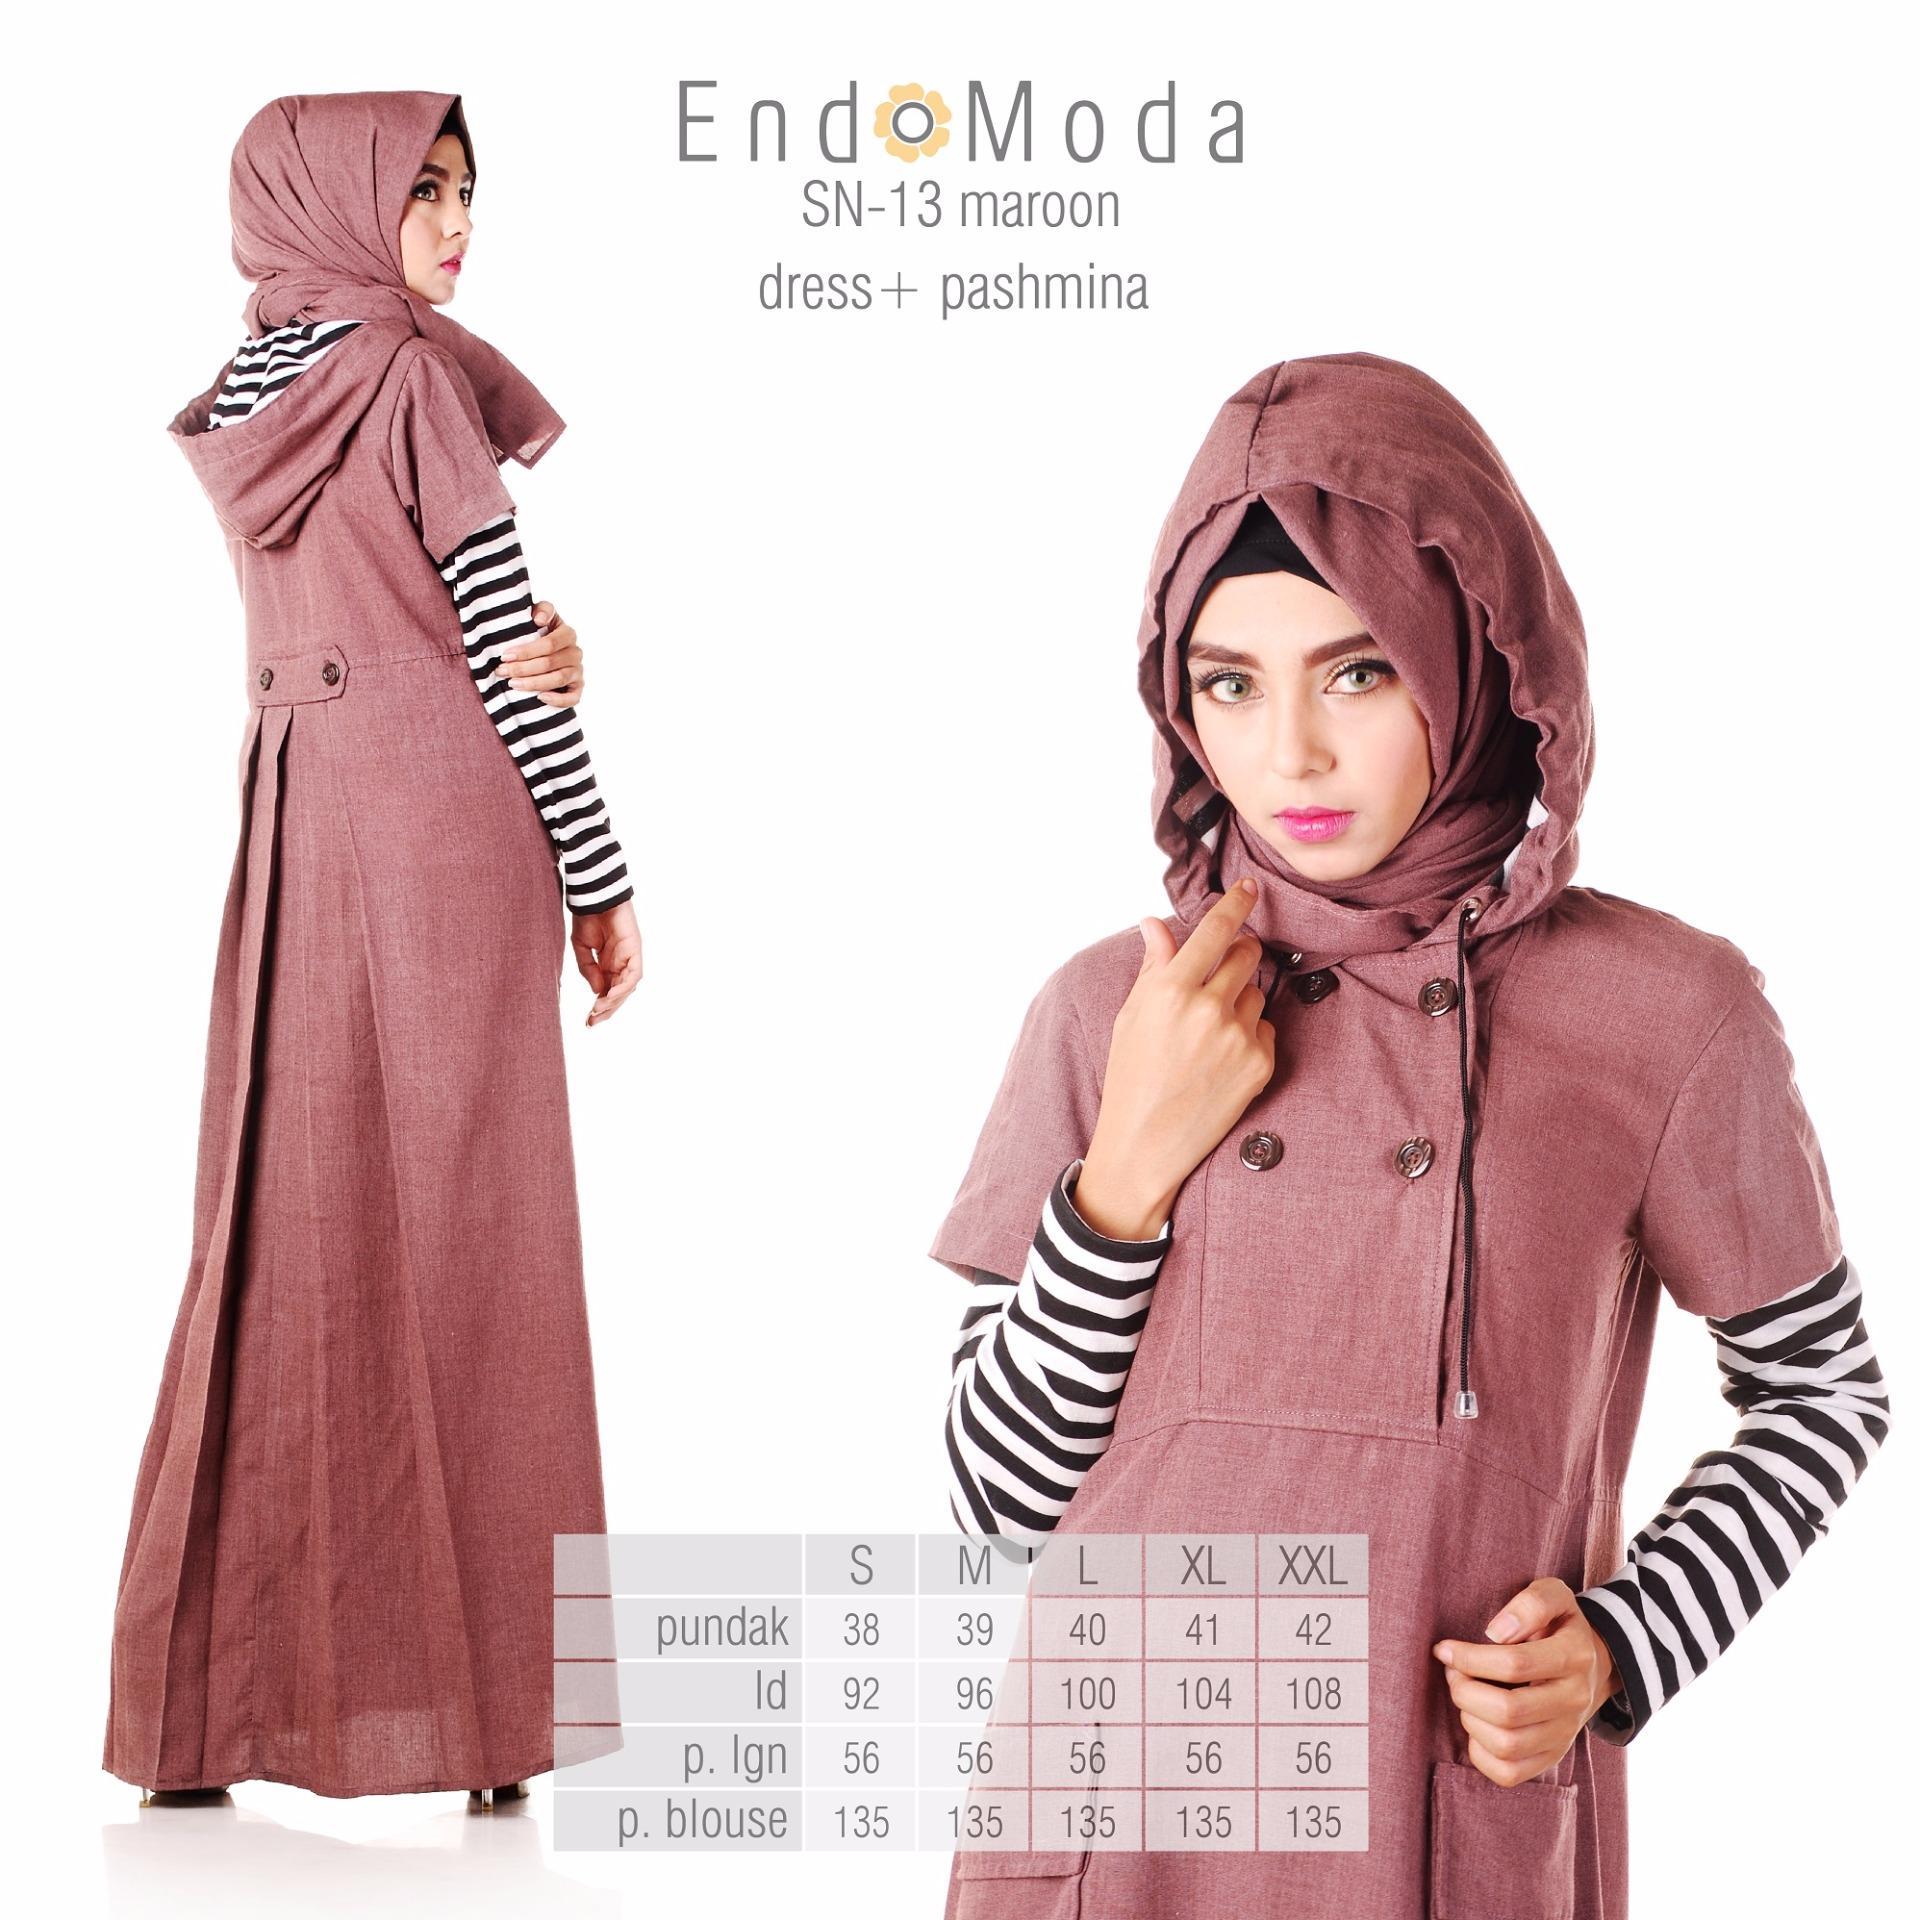 Spesifikasi Baju Original Endo Moda Sn 13 Dress Wanita Baju Muslim Modern Gamis Katun Supernova Premium Warna Maroon Terbaik